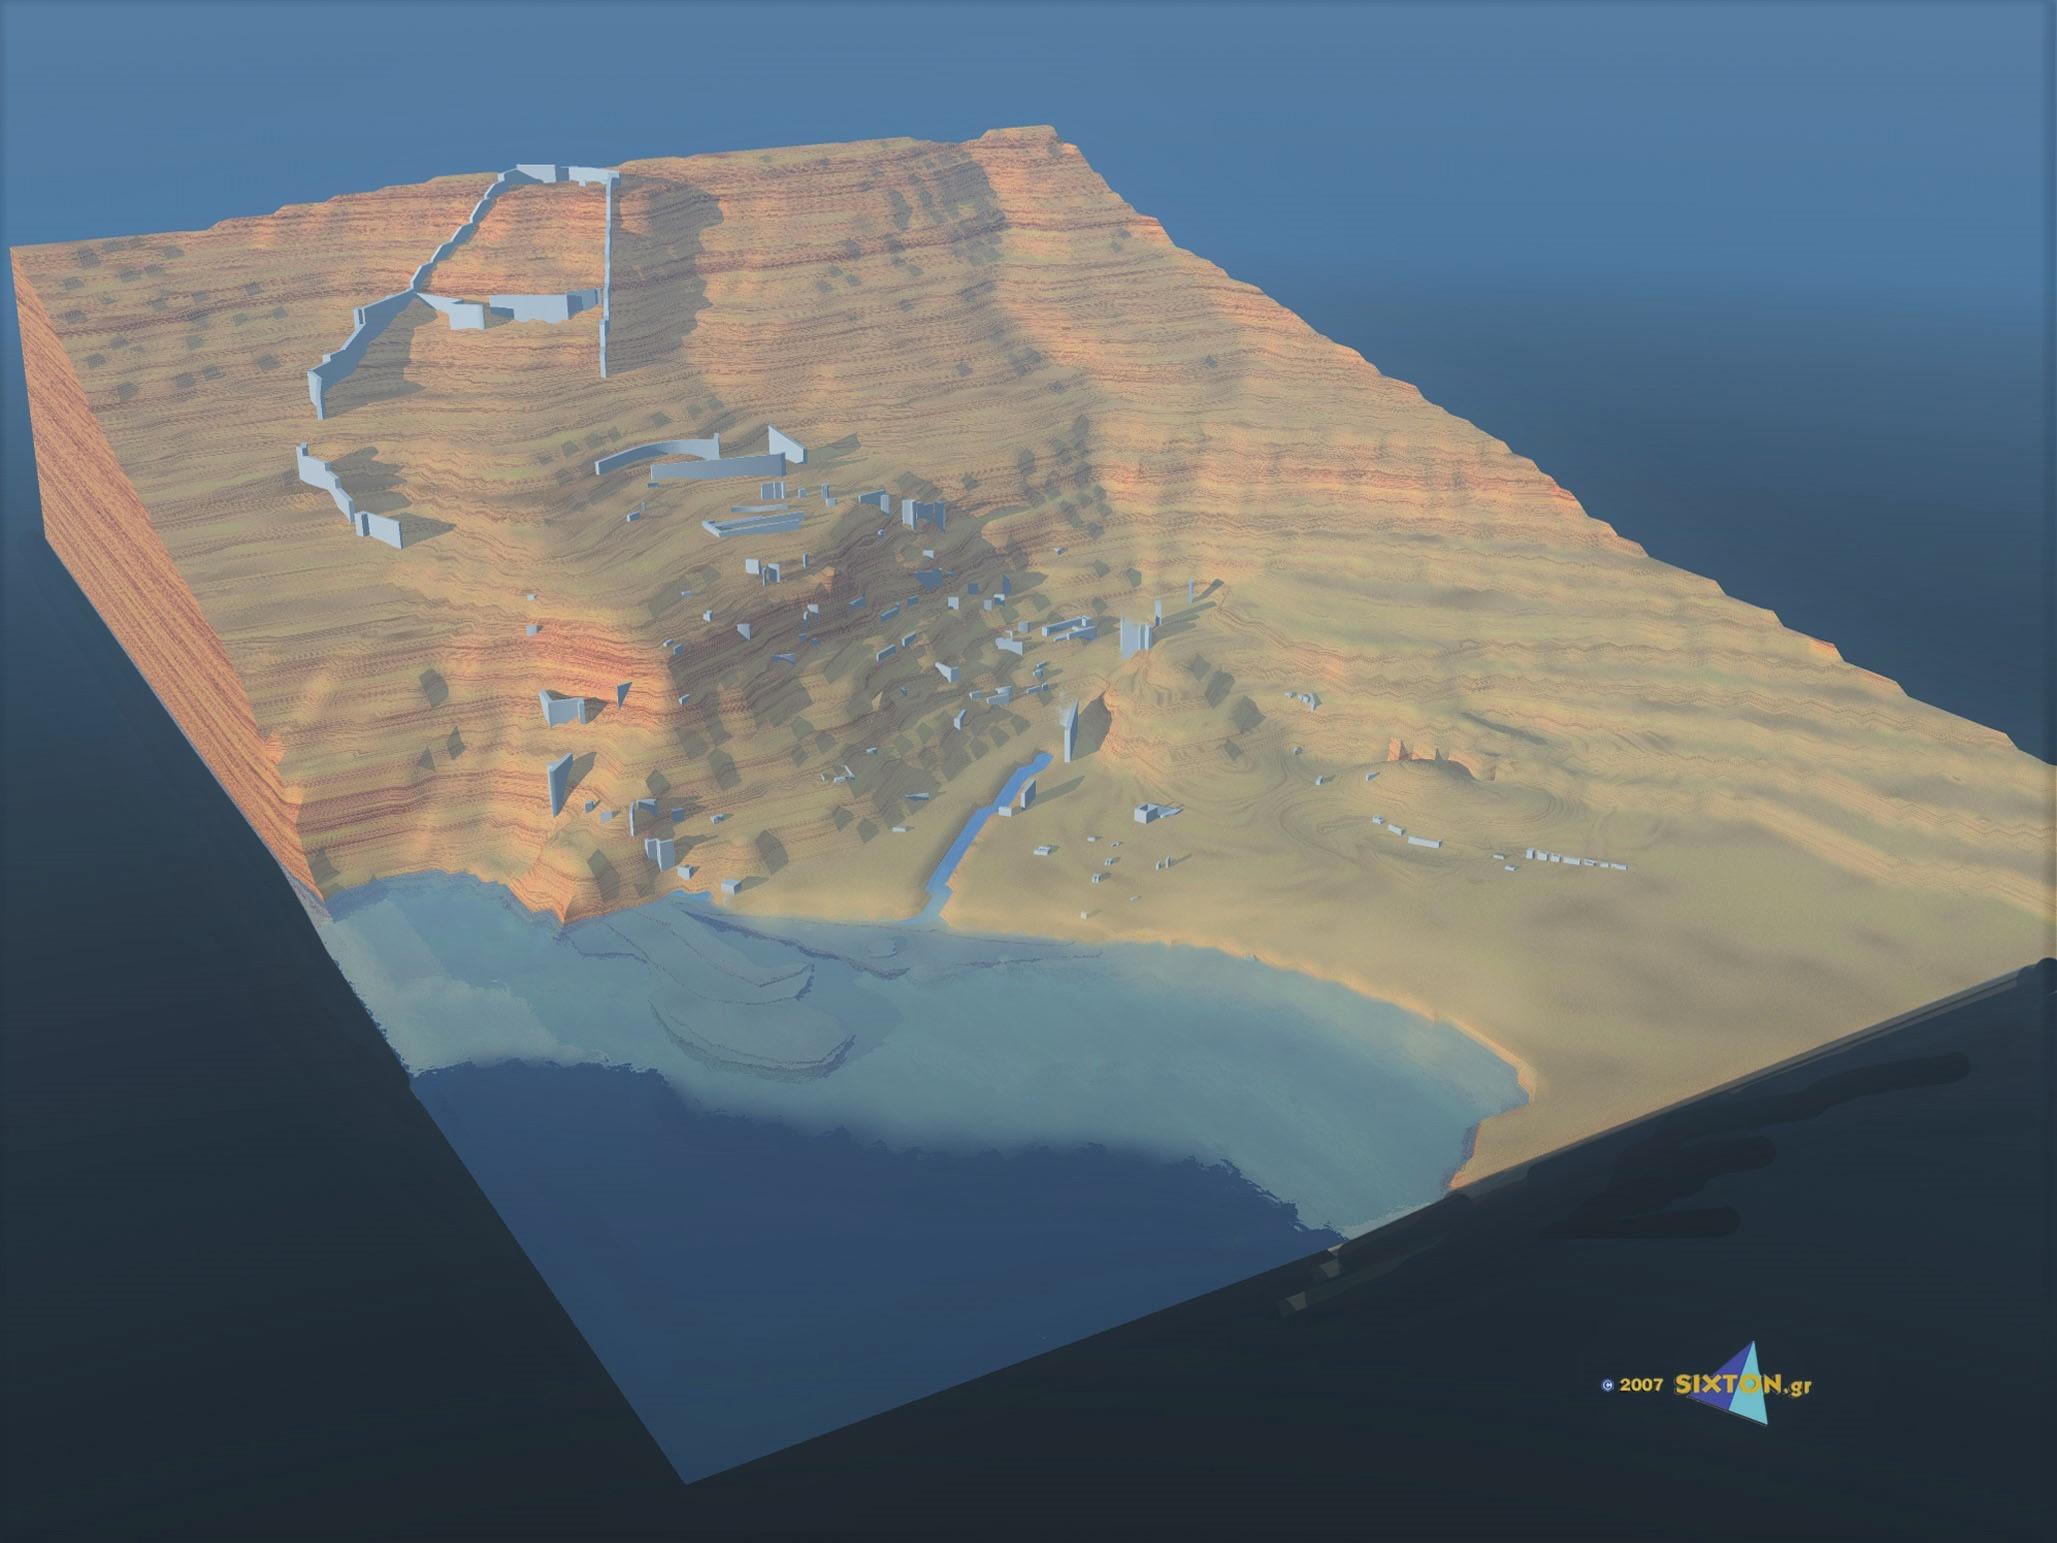 Φωτορεαλιστική αναράσταση της αρχαίας πόλης, με βάση τα ορατά ερείπια